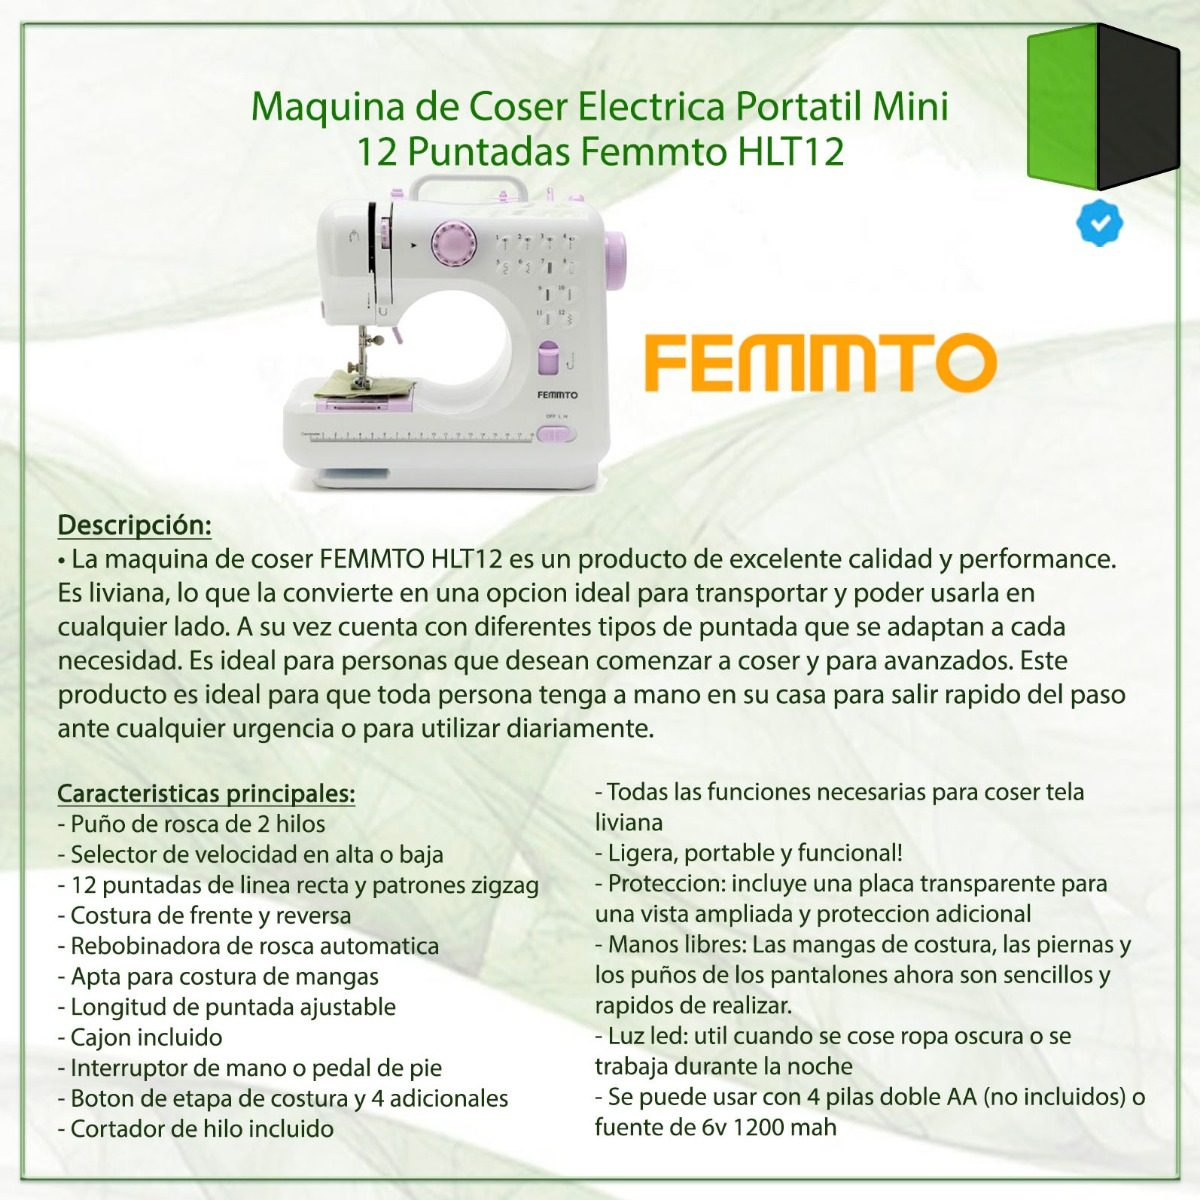 Maquina Coser Portatil 12 Puntadas Femmto Hlt12 C/ Fuente